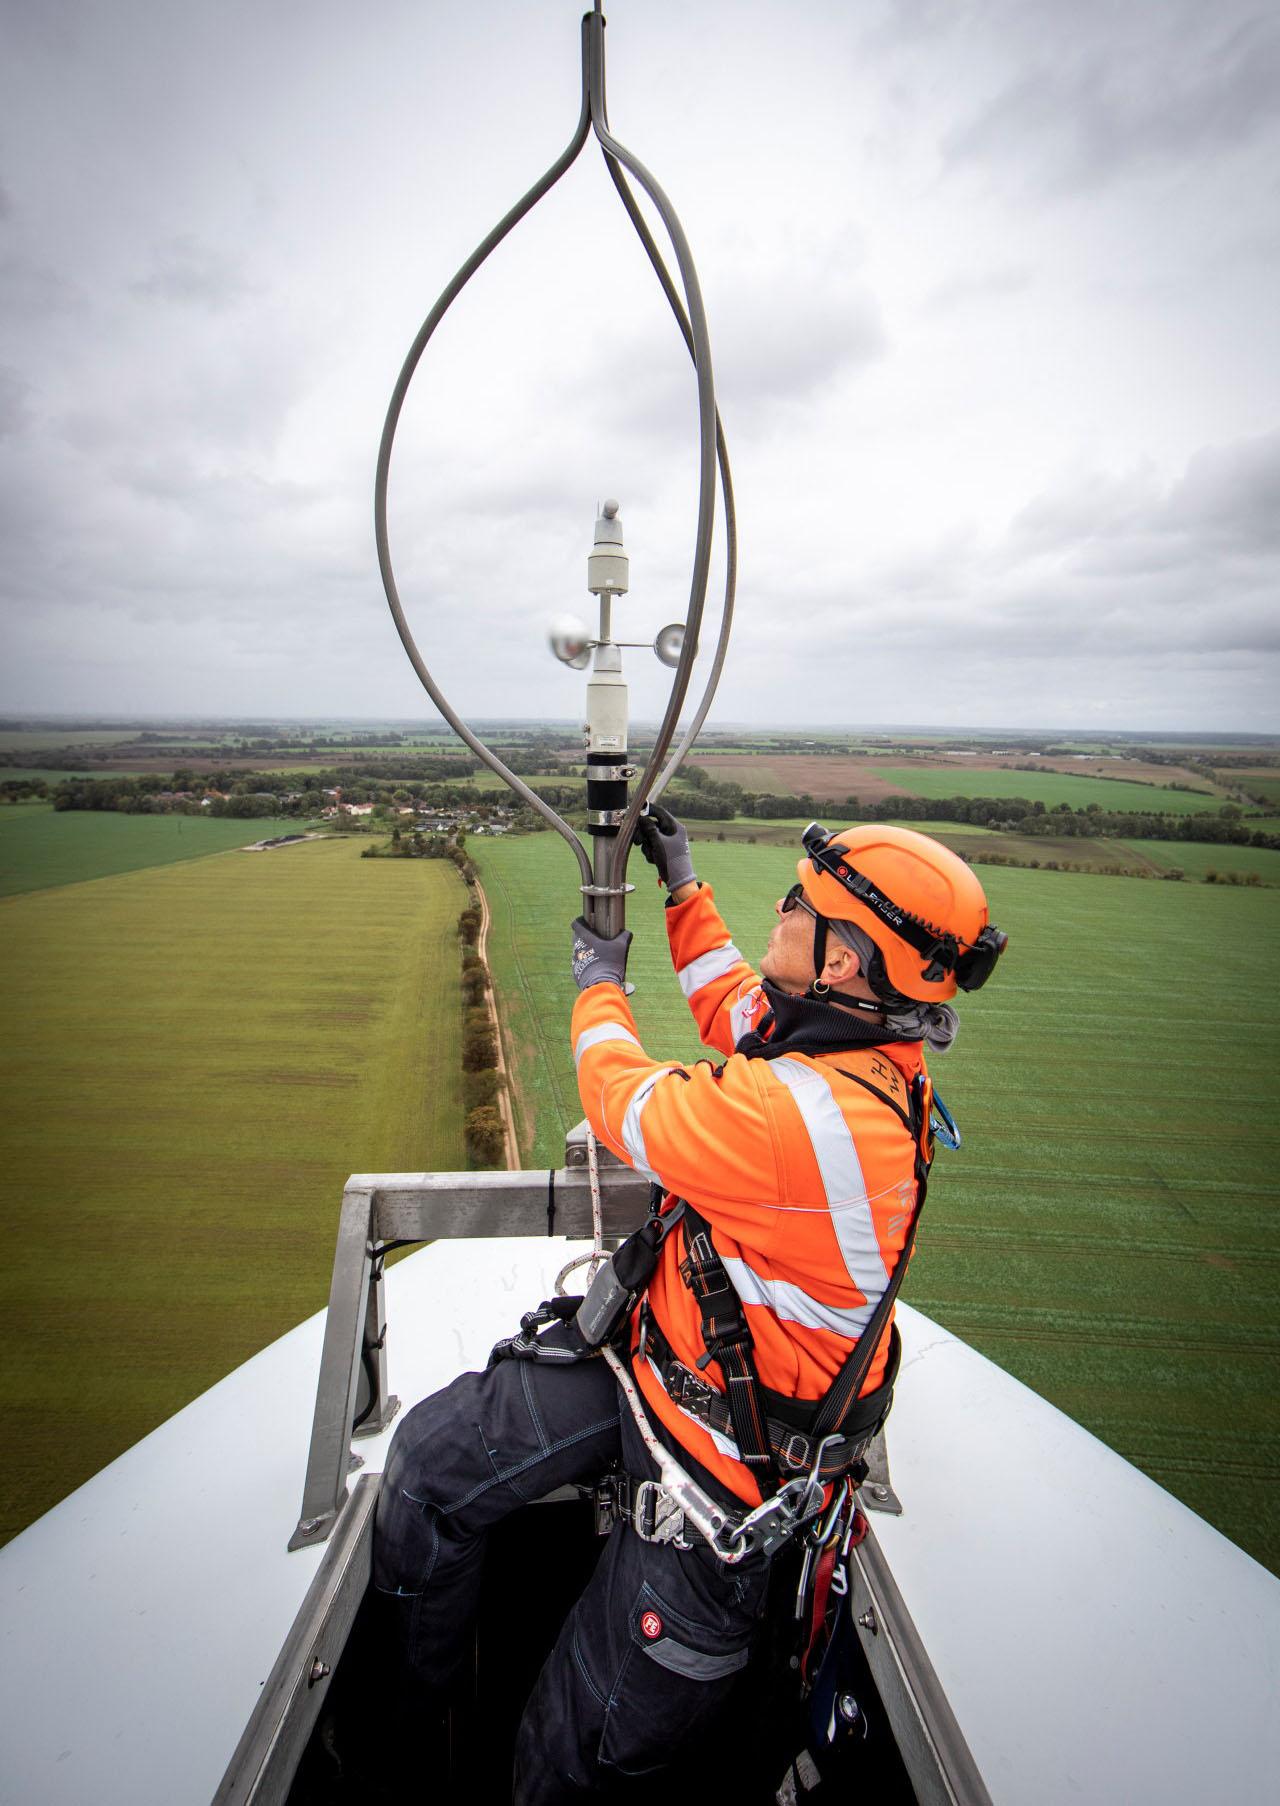 Monteur sitzt auf Windkraftanlage und guckt auf Anemometer.